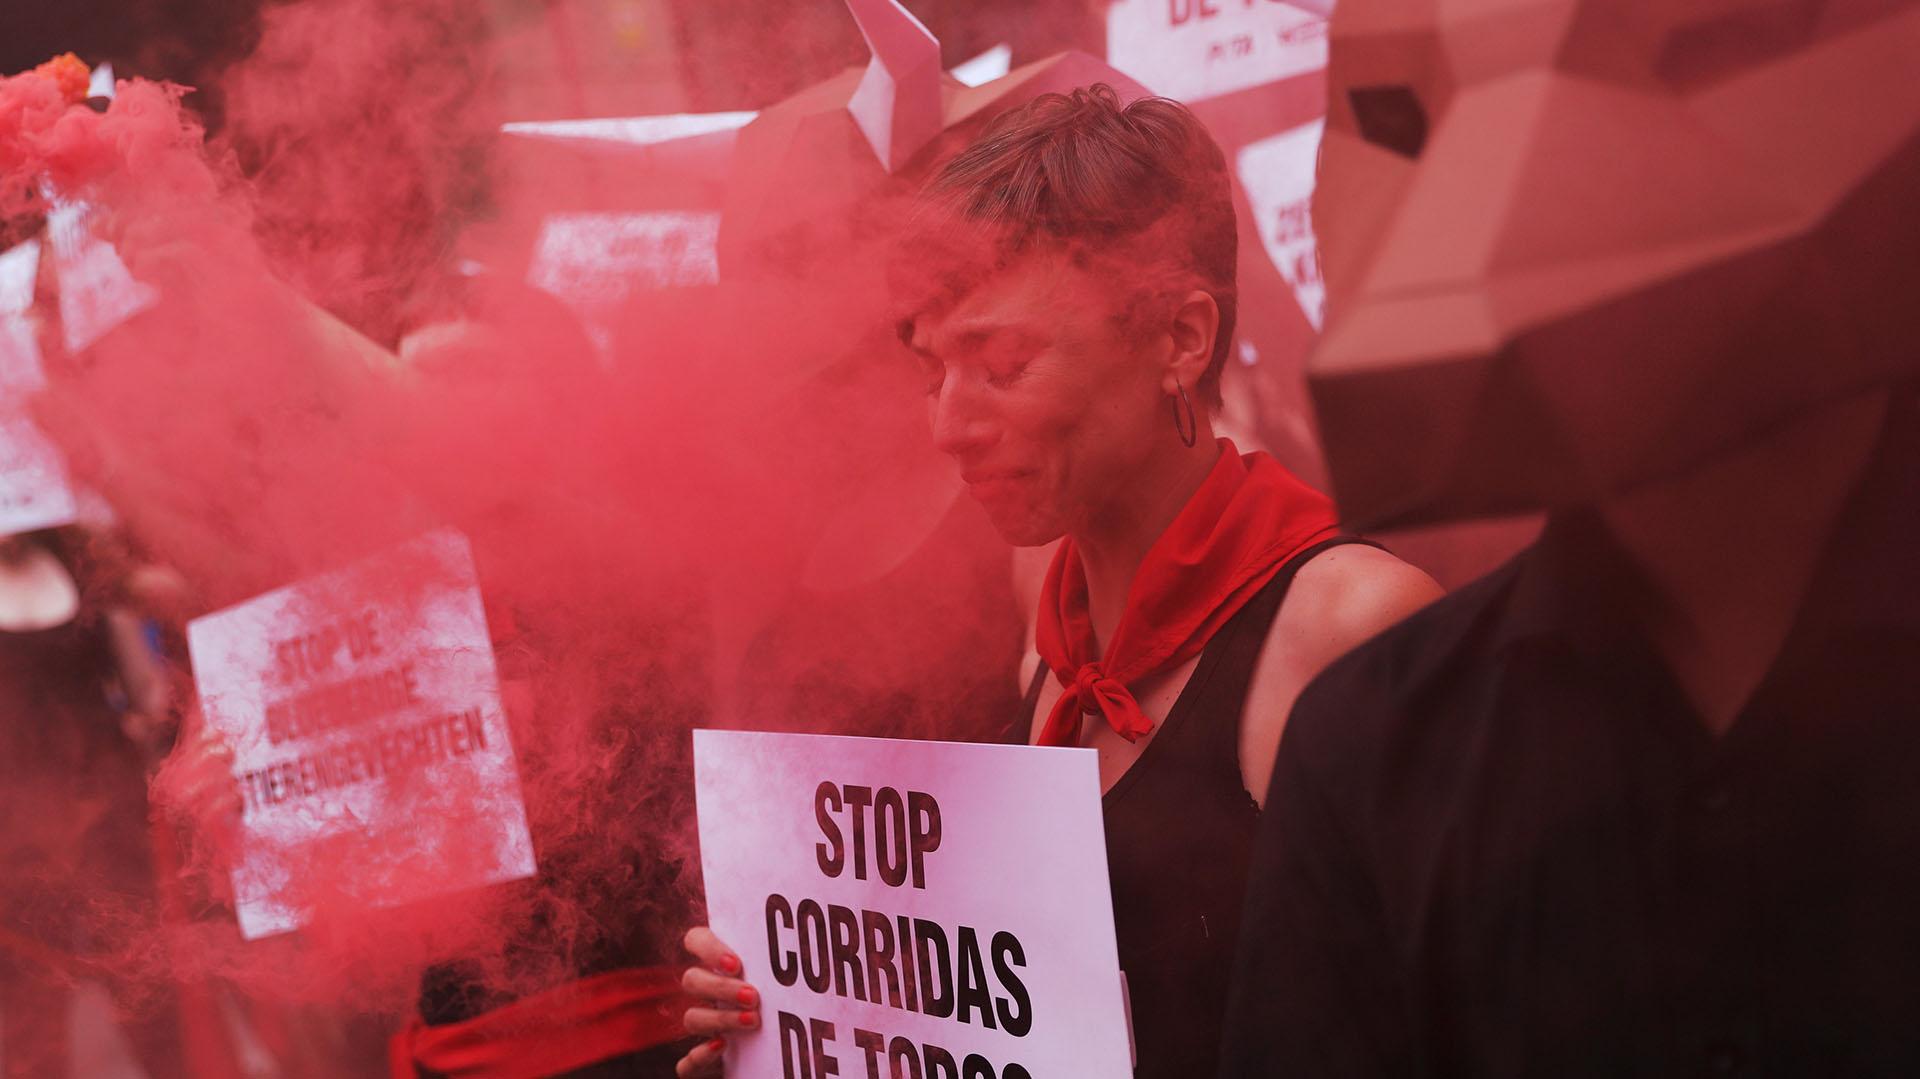 Un manifestante por los derechos de los animales se emociona mientras se manifiesta por la abolición de las corridas de toros (REUTERS/Susana Vera )